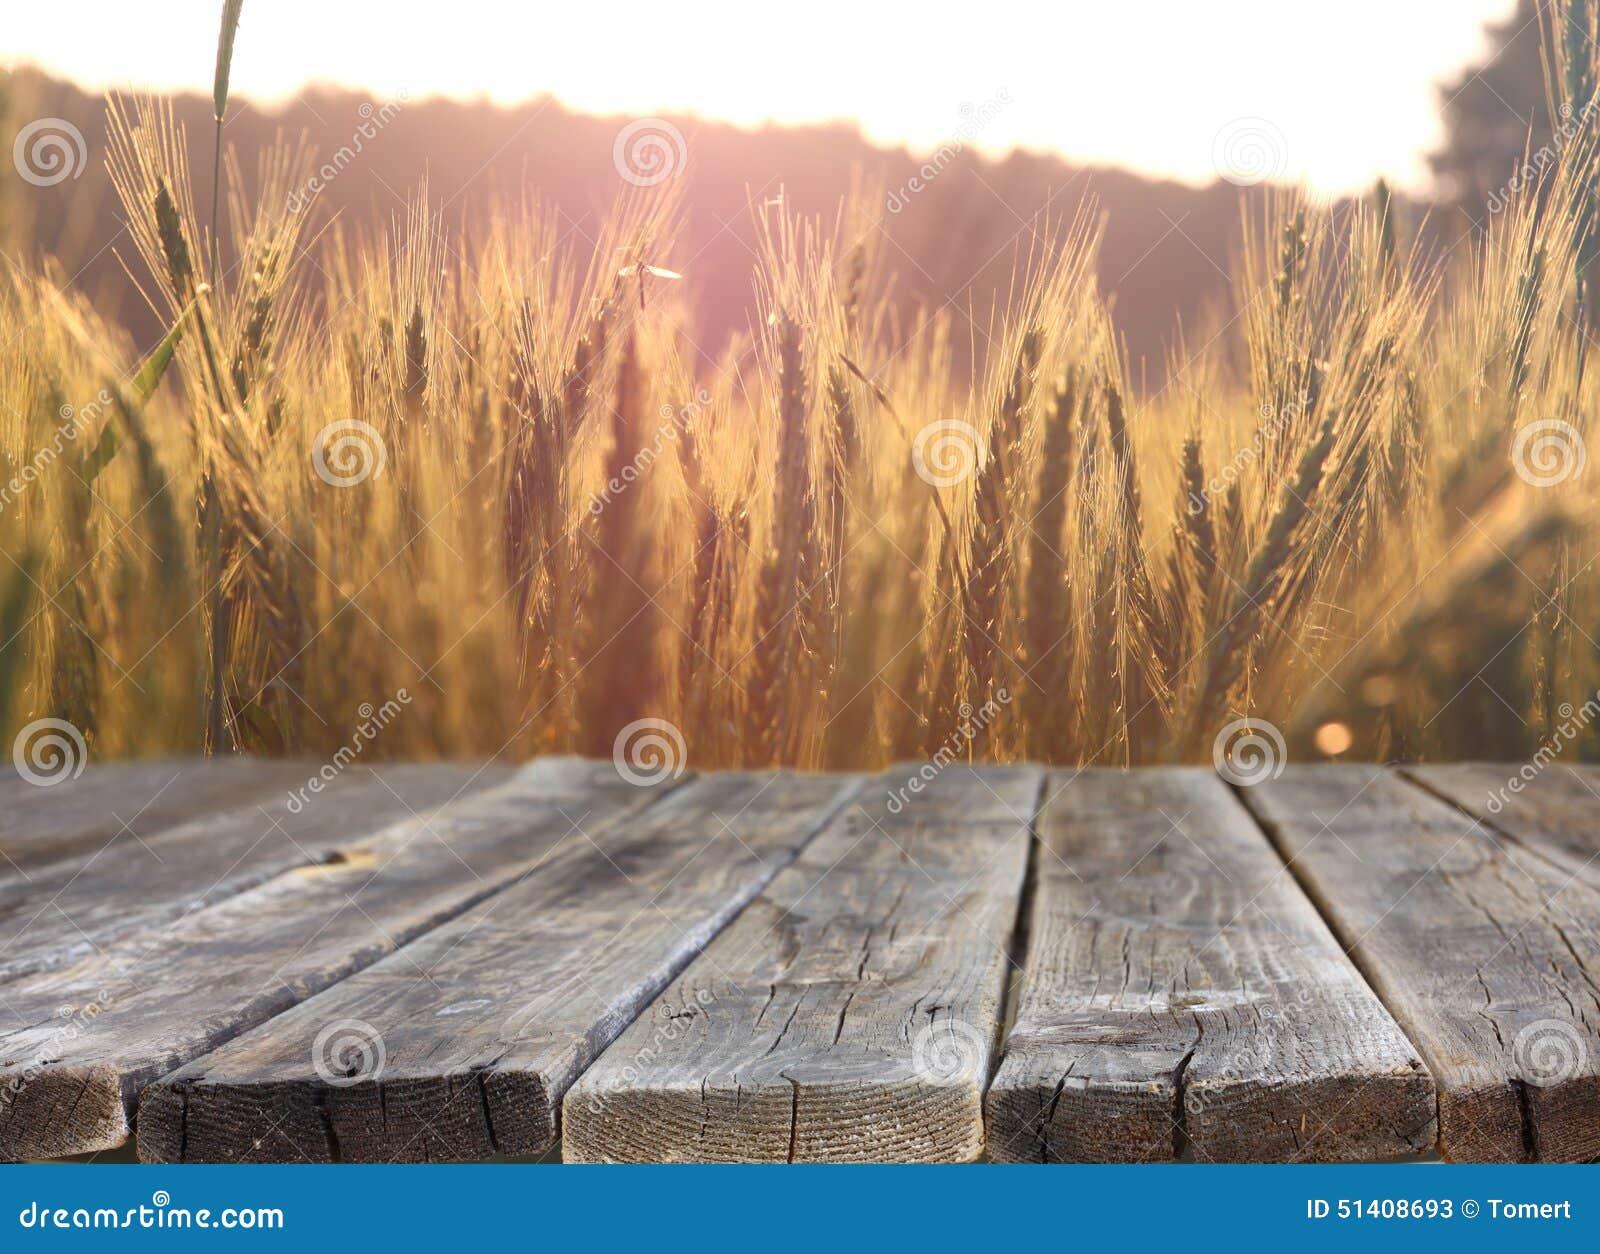 Tabla de madera del tablero delante del campo del trigo en luz de la puesta del sol Aliste para los montajes de la exhibición del